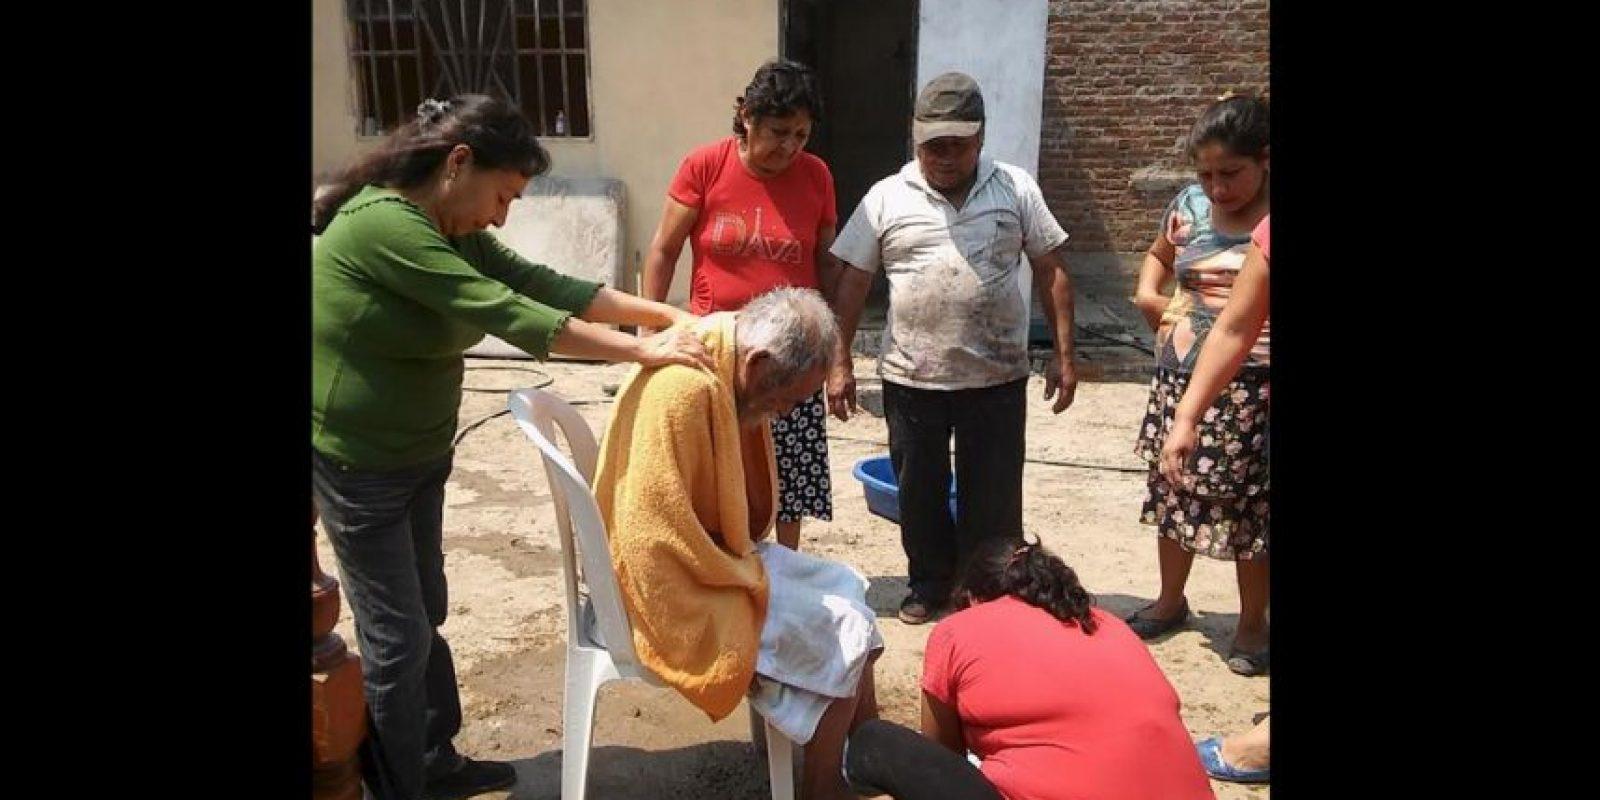 Esto debido a que sufre de esquizofrenia. Foto:Vía facebook.com/municipalidaddeferrenafe